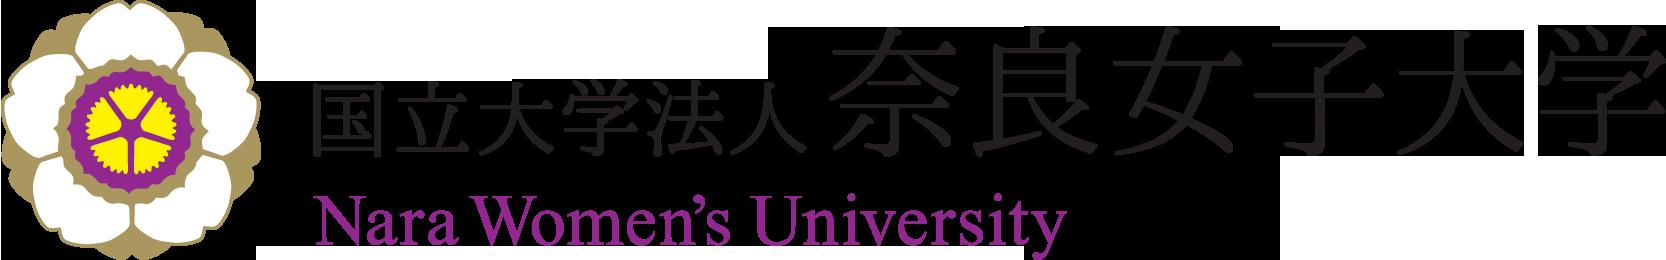 東京外国語大学の評判と偏差値【早慶を蹴って入学する学生も多いです】